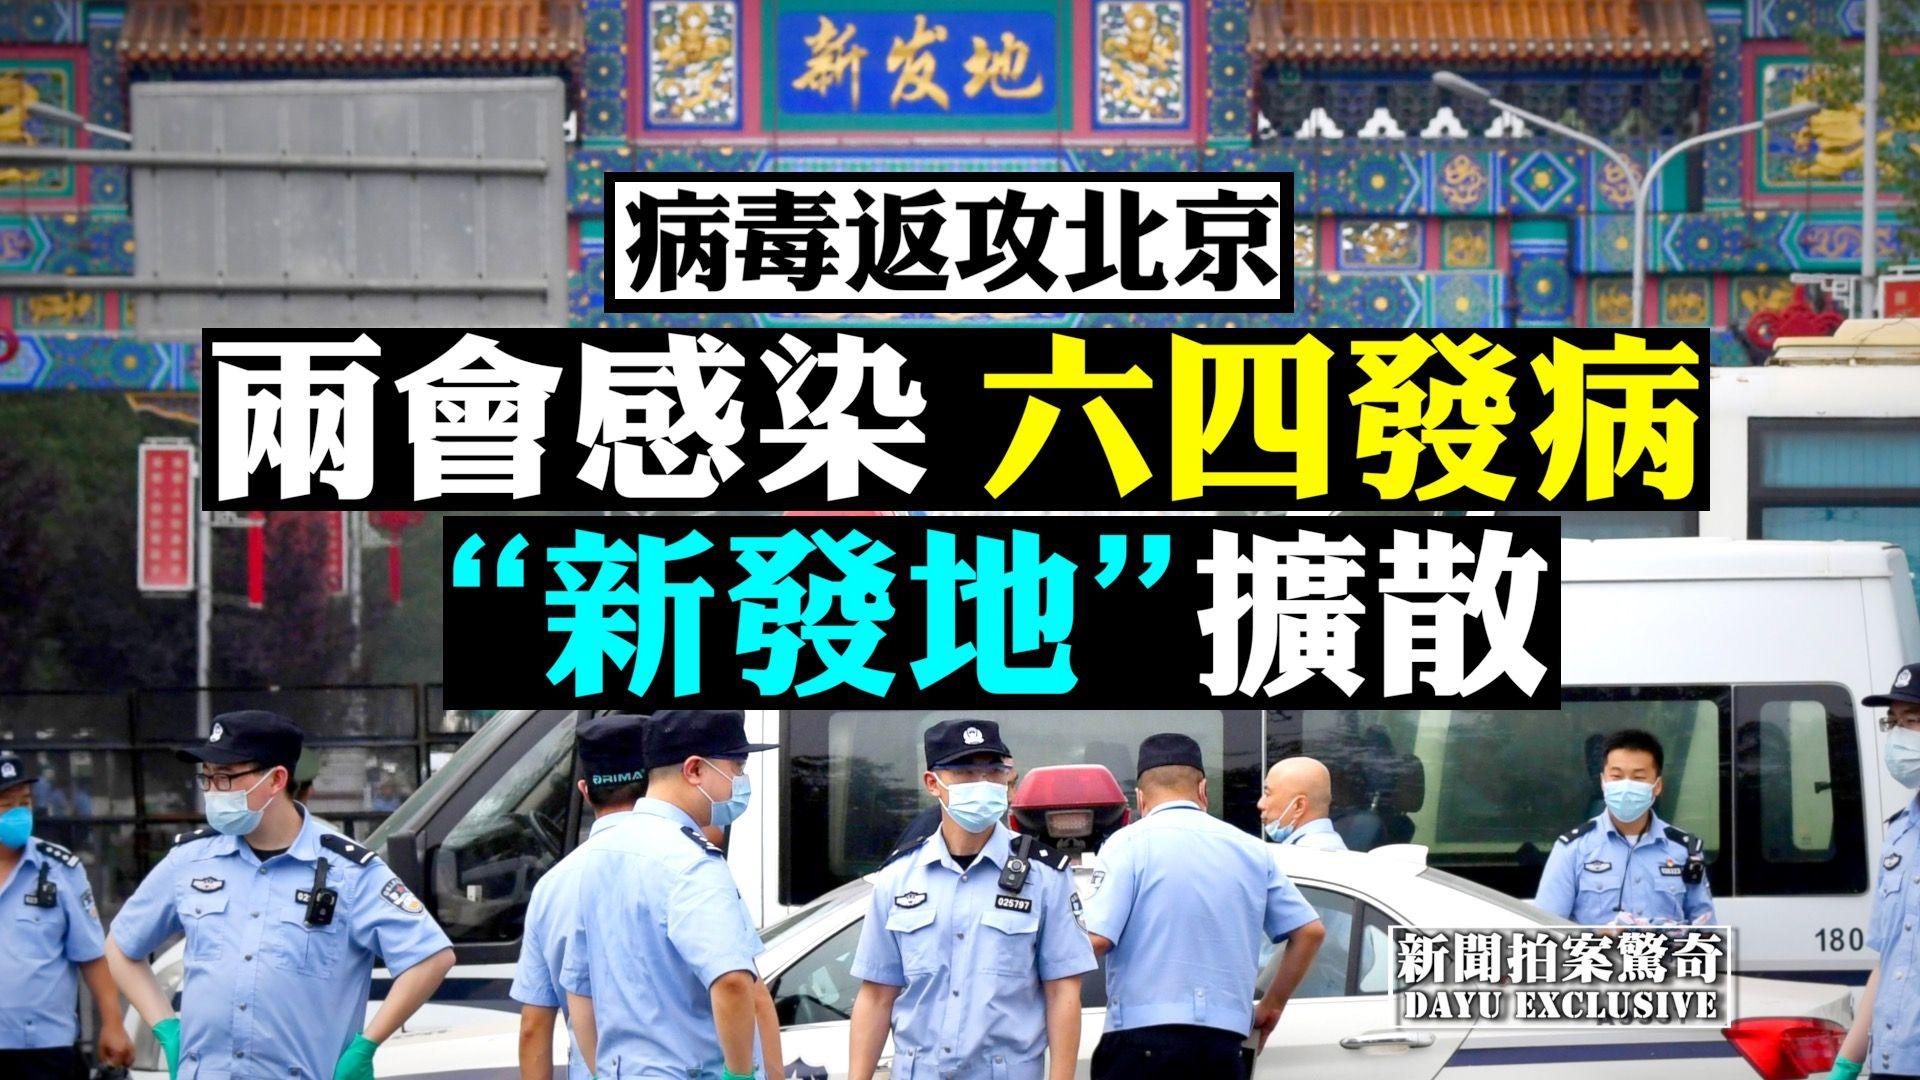 新發地成北京版「華南市場」 1500警力封鎖。(新唐人合成圖)